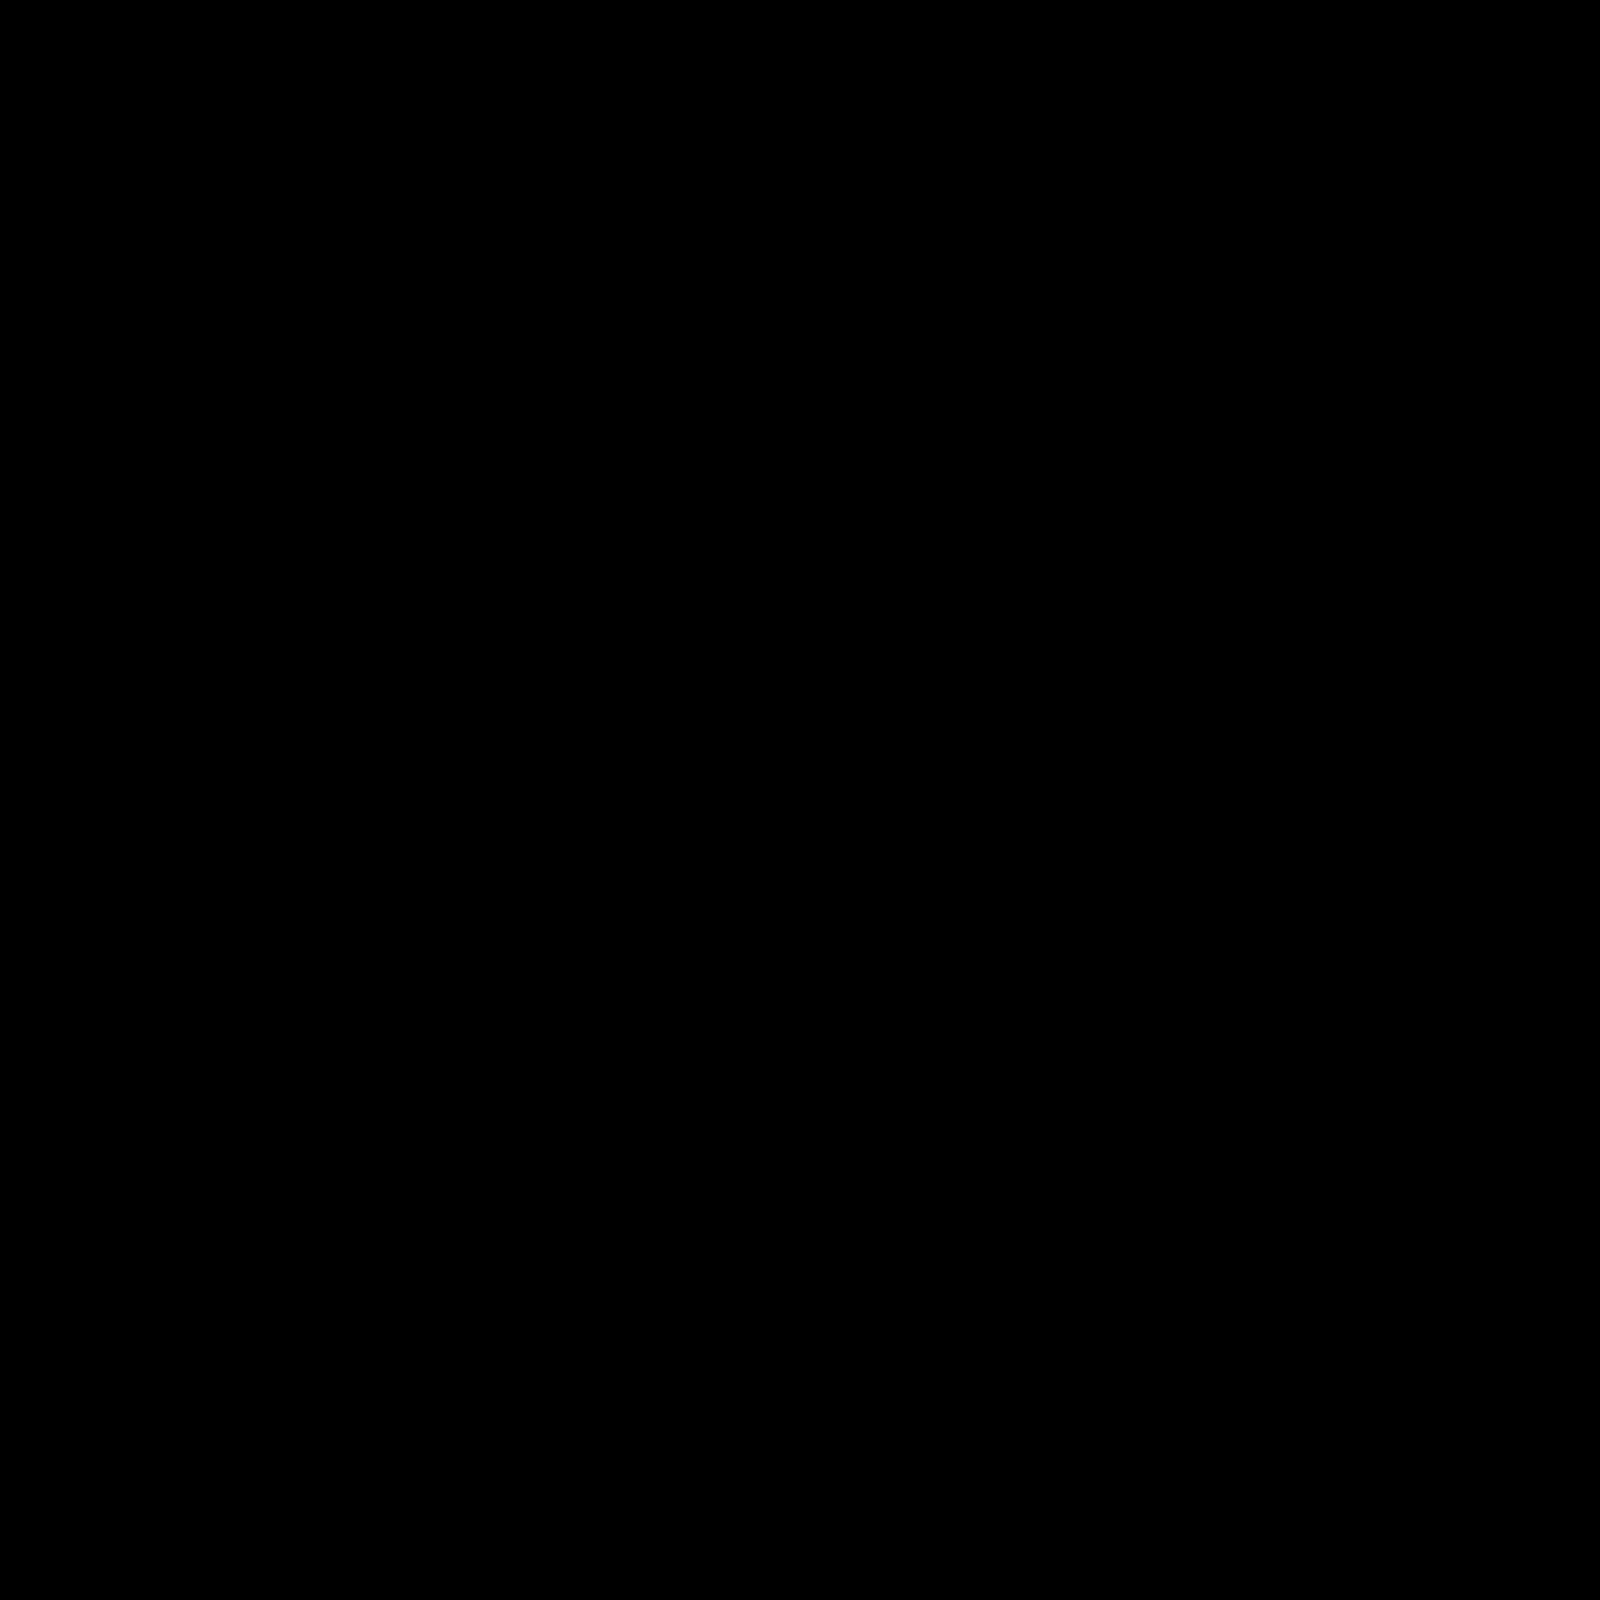 エッジのクリーンアップ icon